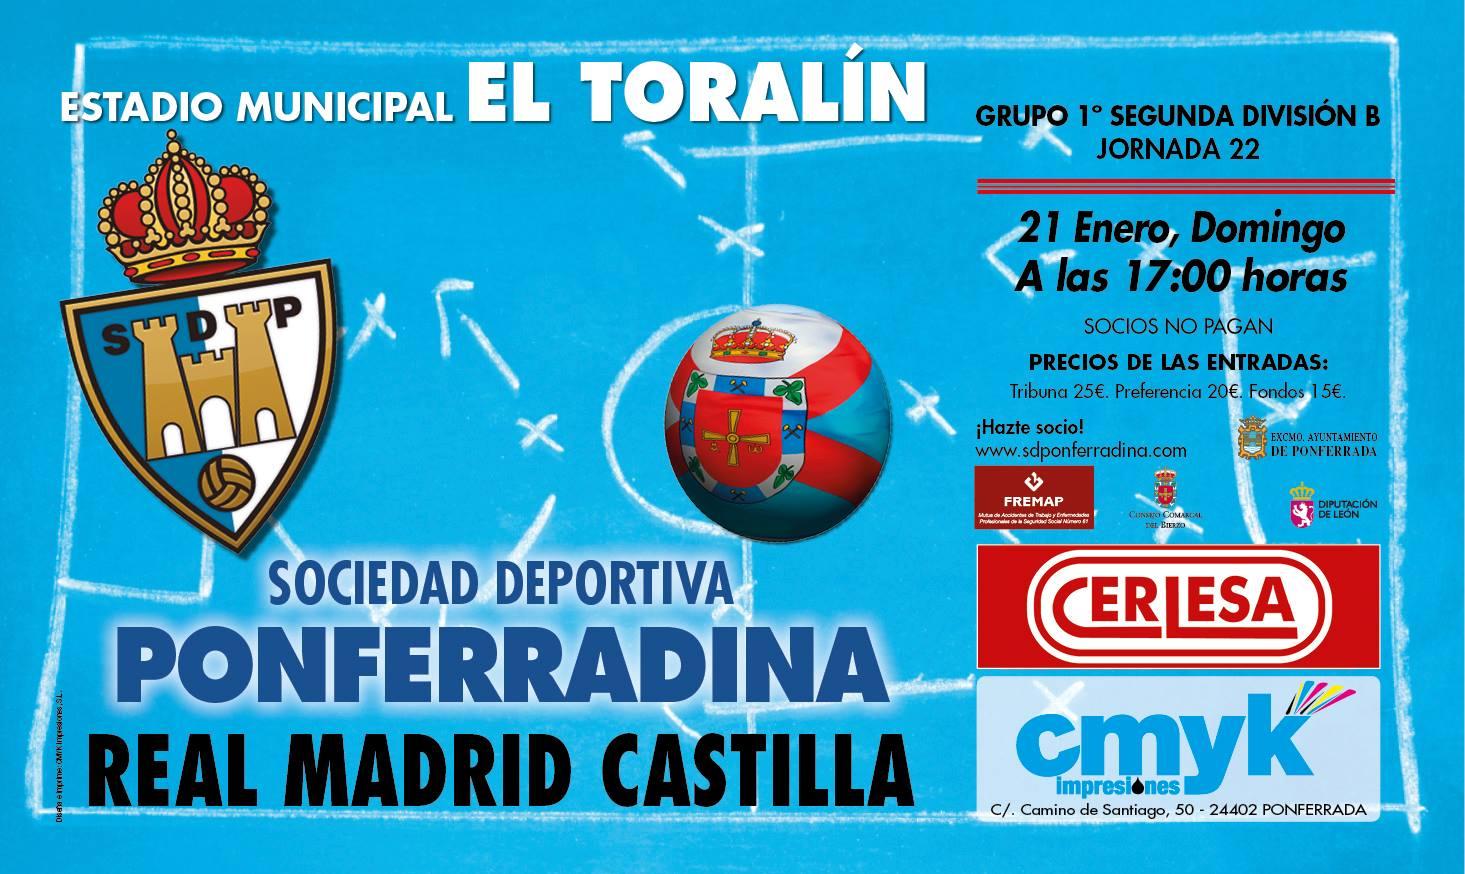 Fútbol: SD Ponferradina - Real Madrid Castilla 4